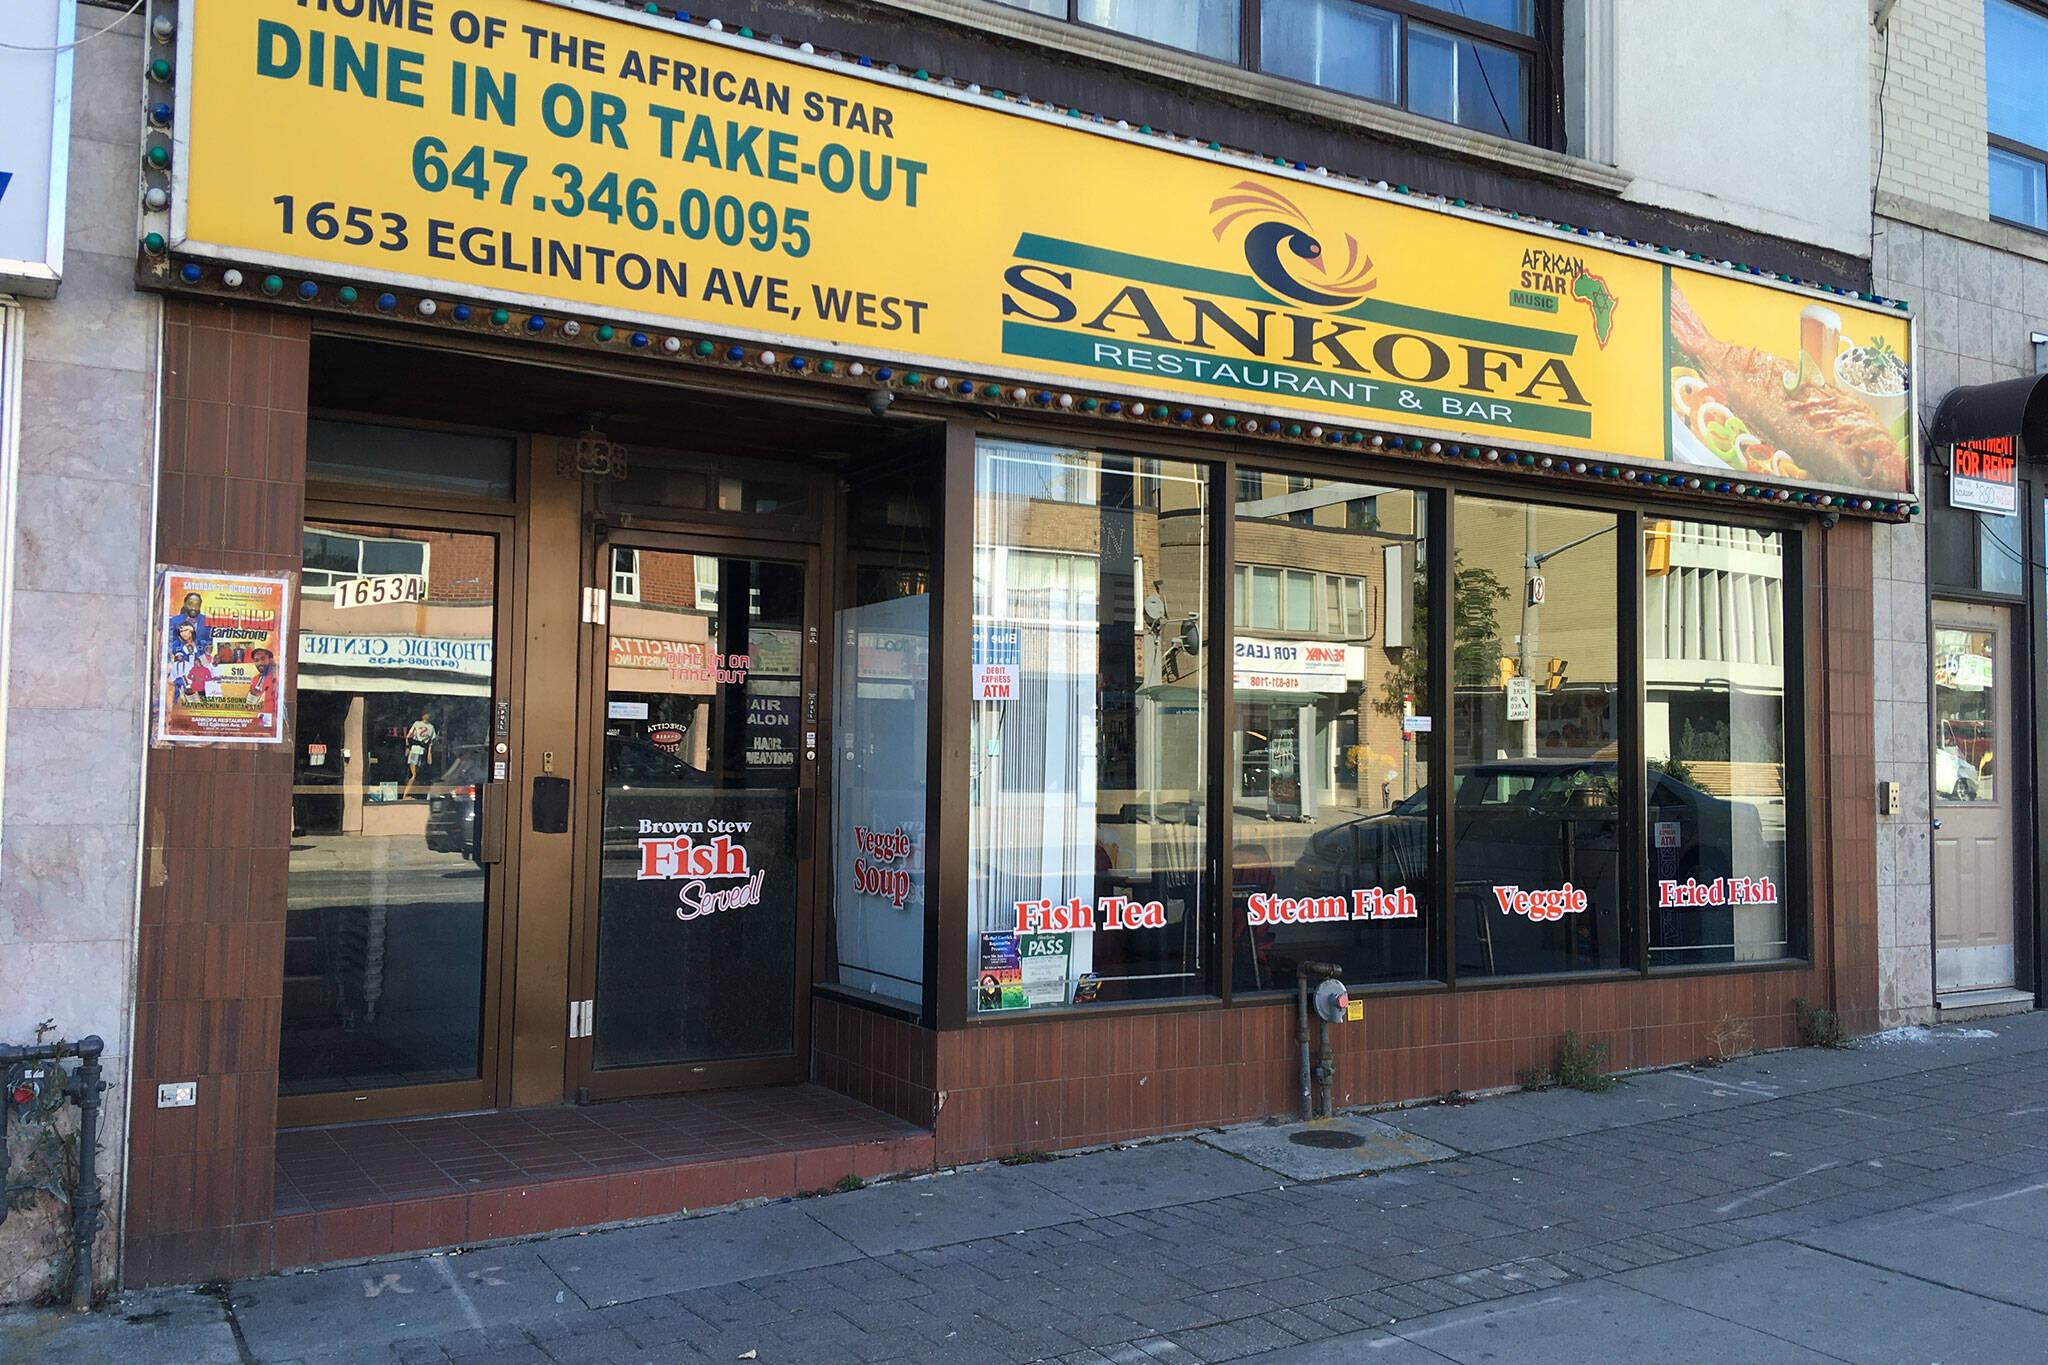 Sankofa Toronto